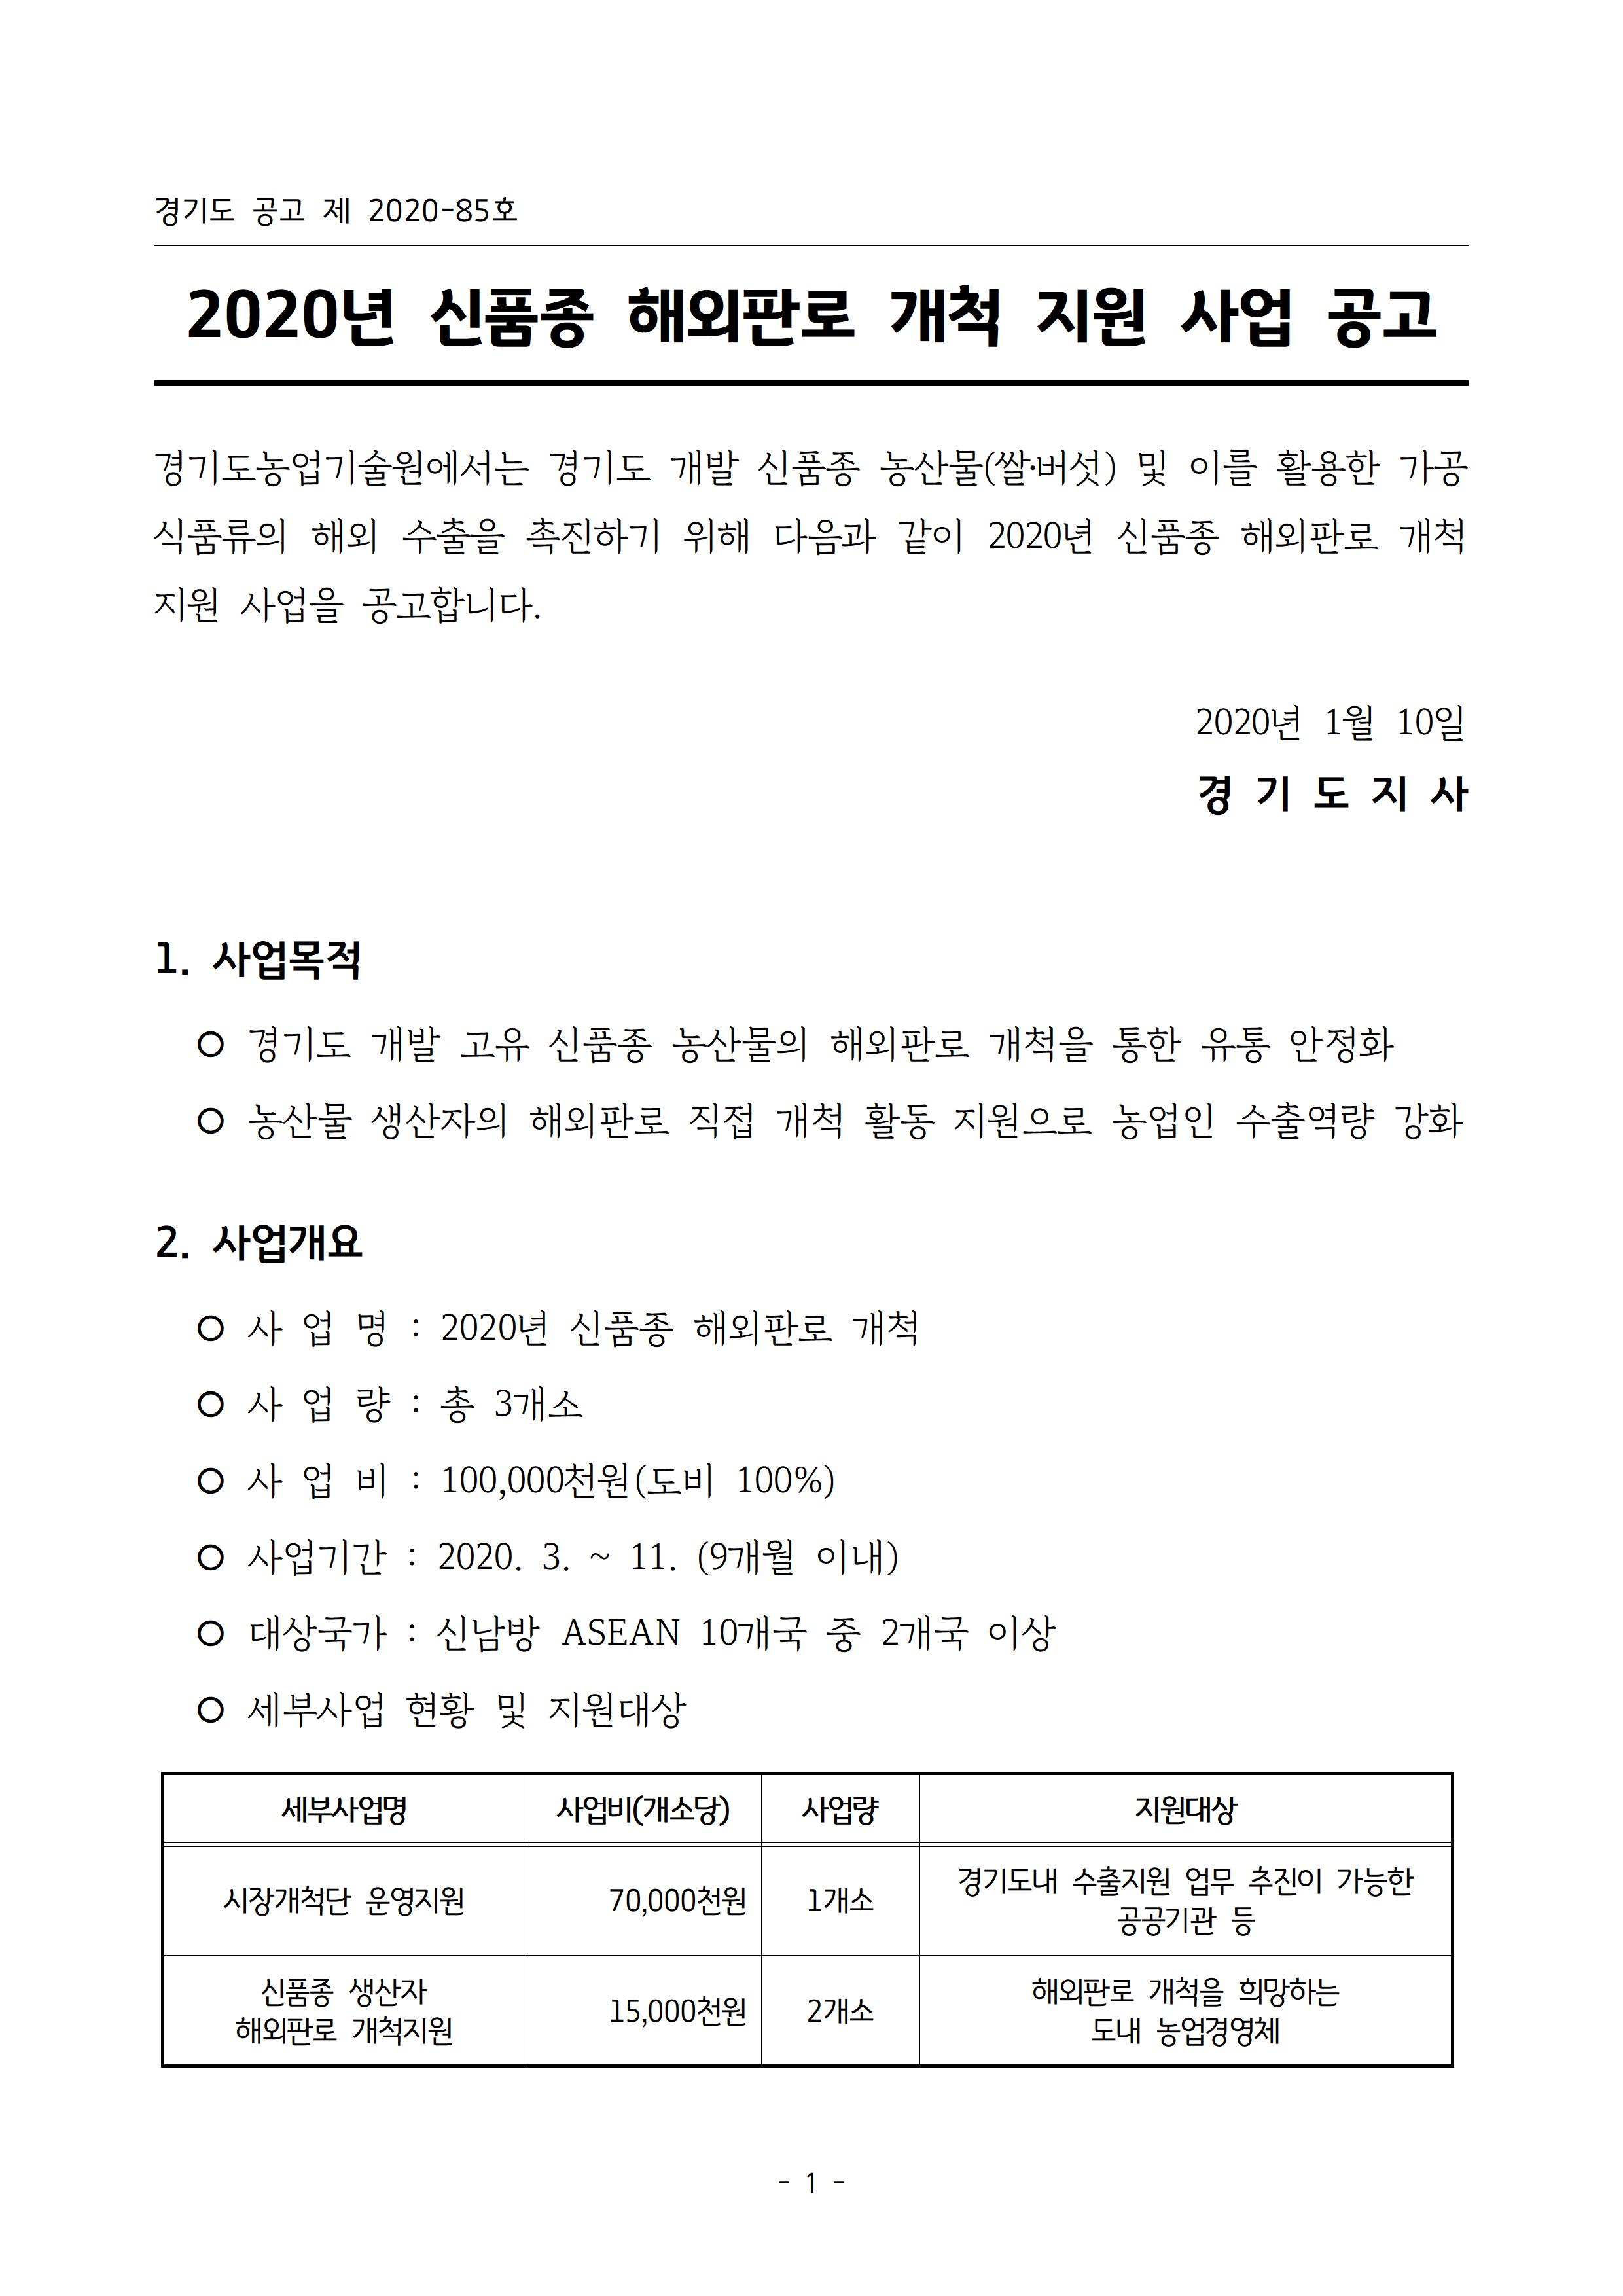 공고문(2020년 신품종 해외판로 개척 지원)001